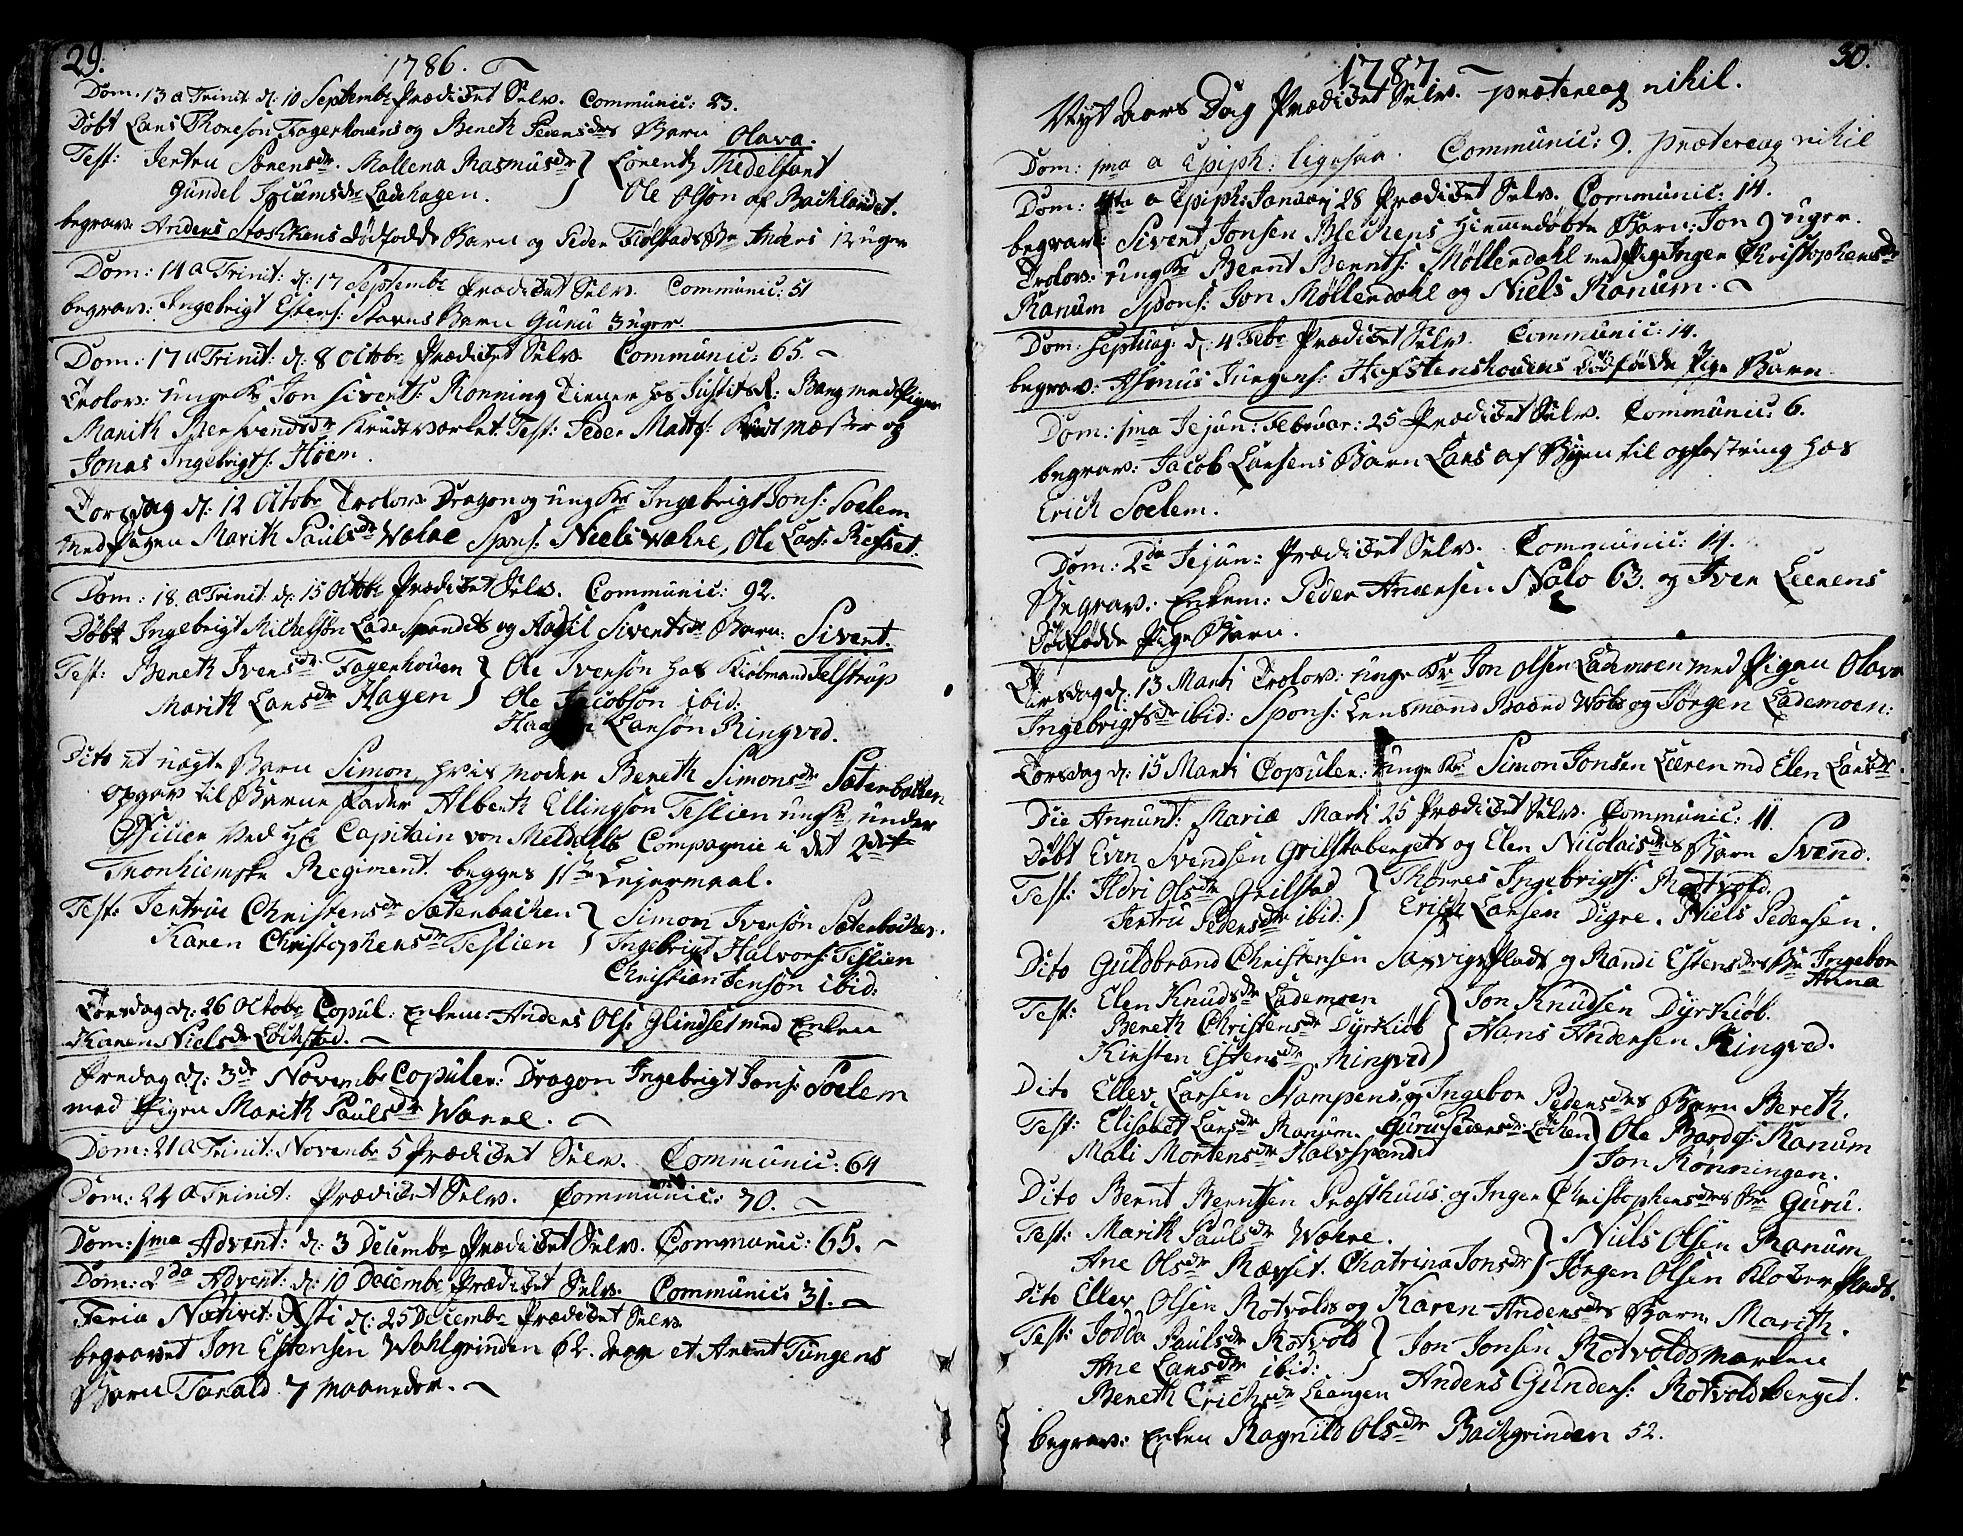 SAT, Ministerialprotokoller, klokkerbøker og fødselsregistre - Sør-Trøndelag, 606/L0280: Ministerialbok nr. 606A02 /1, 1781-1817, s. 29-30